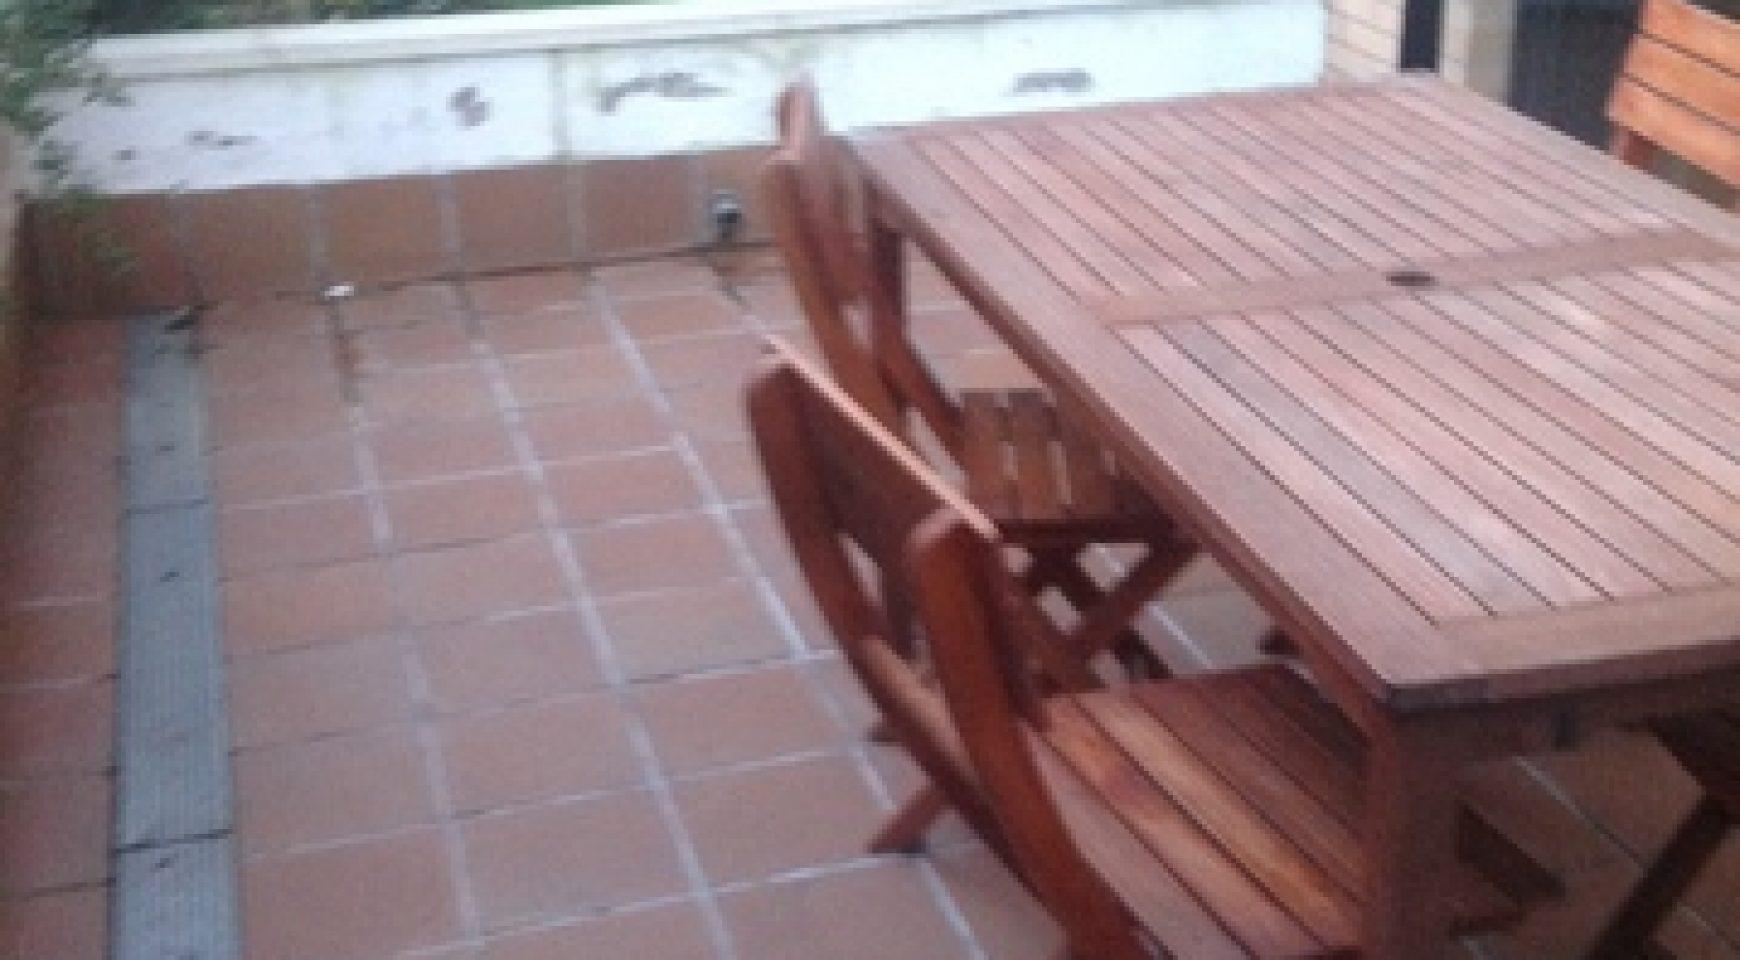 Pisos segunda mano valdemoro fabulous piso en venta en valdemoro con hab y baos piso hospital - Pisos en venta en valdemoro particulares ...